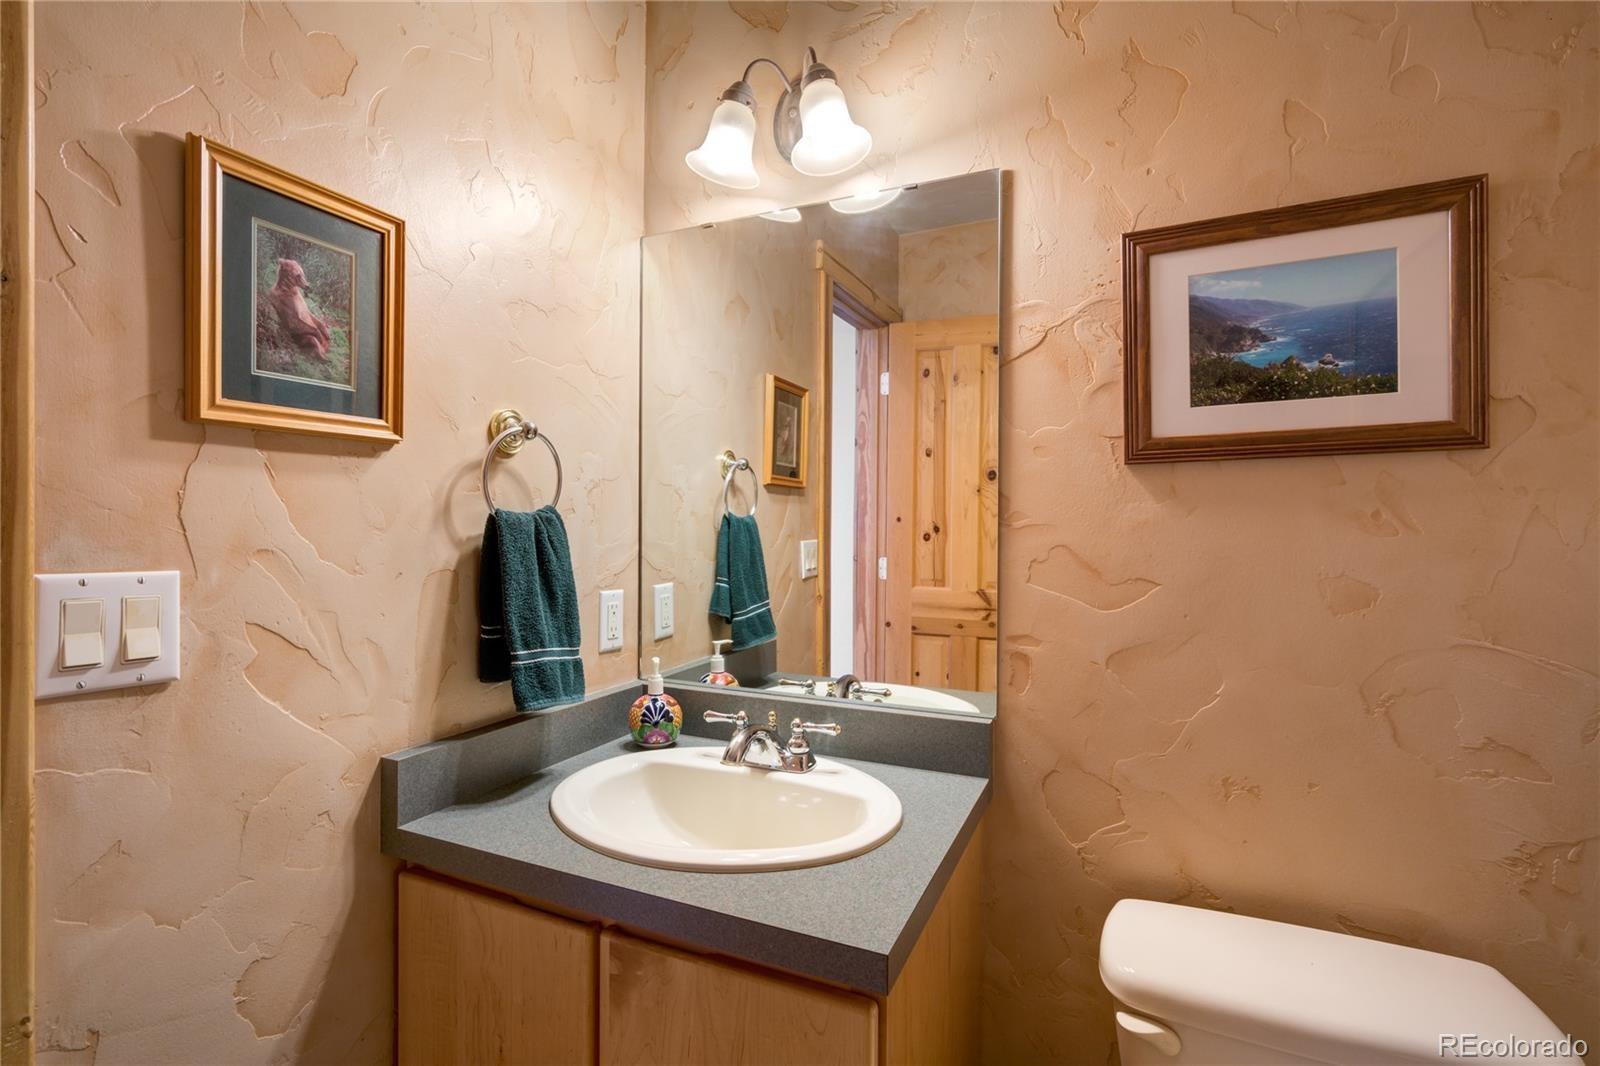 MLS# 5920837 - 1 - 32915  Mckinnis Creek Road, Steamboat Springs, CO 80487